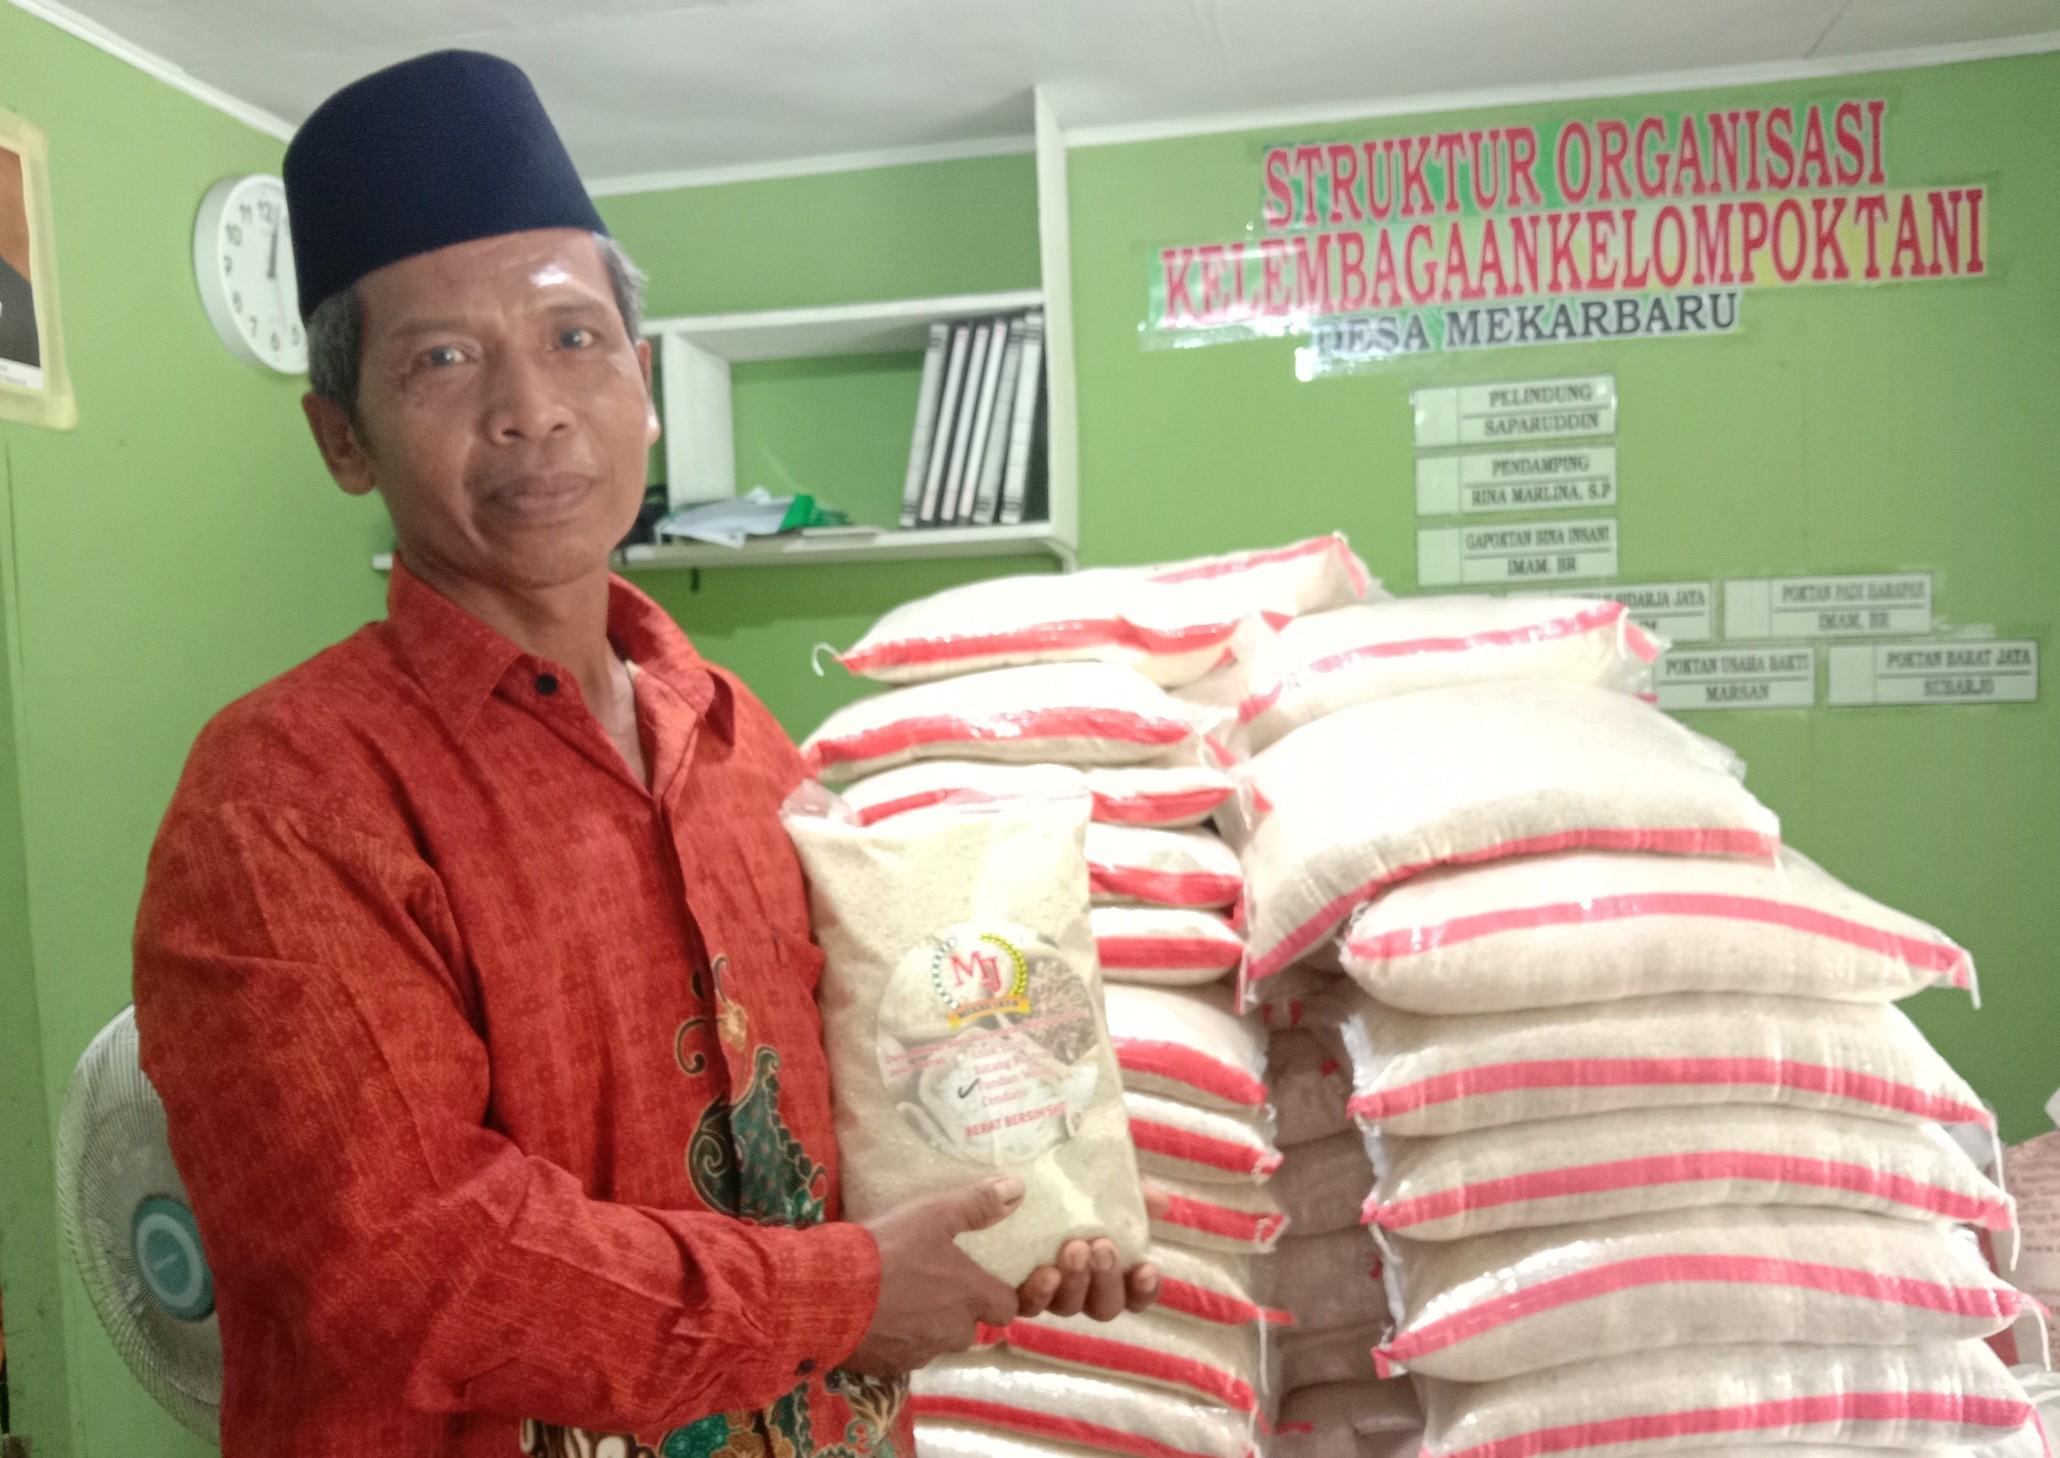 Direktur BumDes Mekar Jaya, Desa Mekar Baru Imam BR, saat memperlihatkan beras jenis Pandan Wangi hasil produksi BumDes